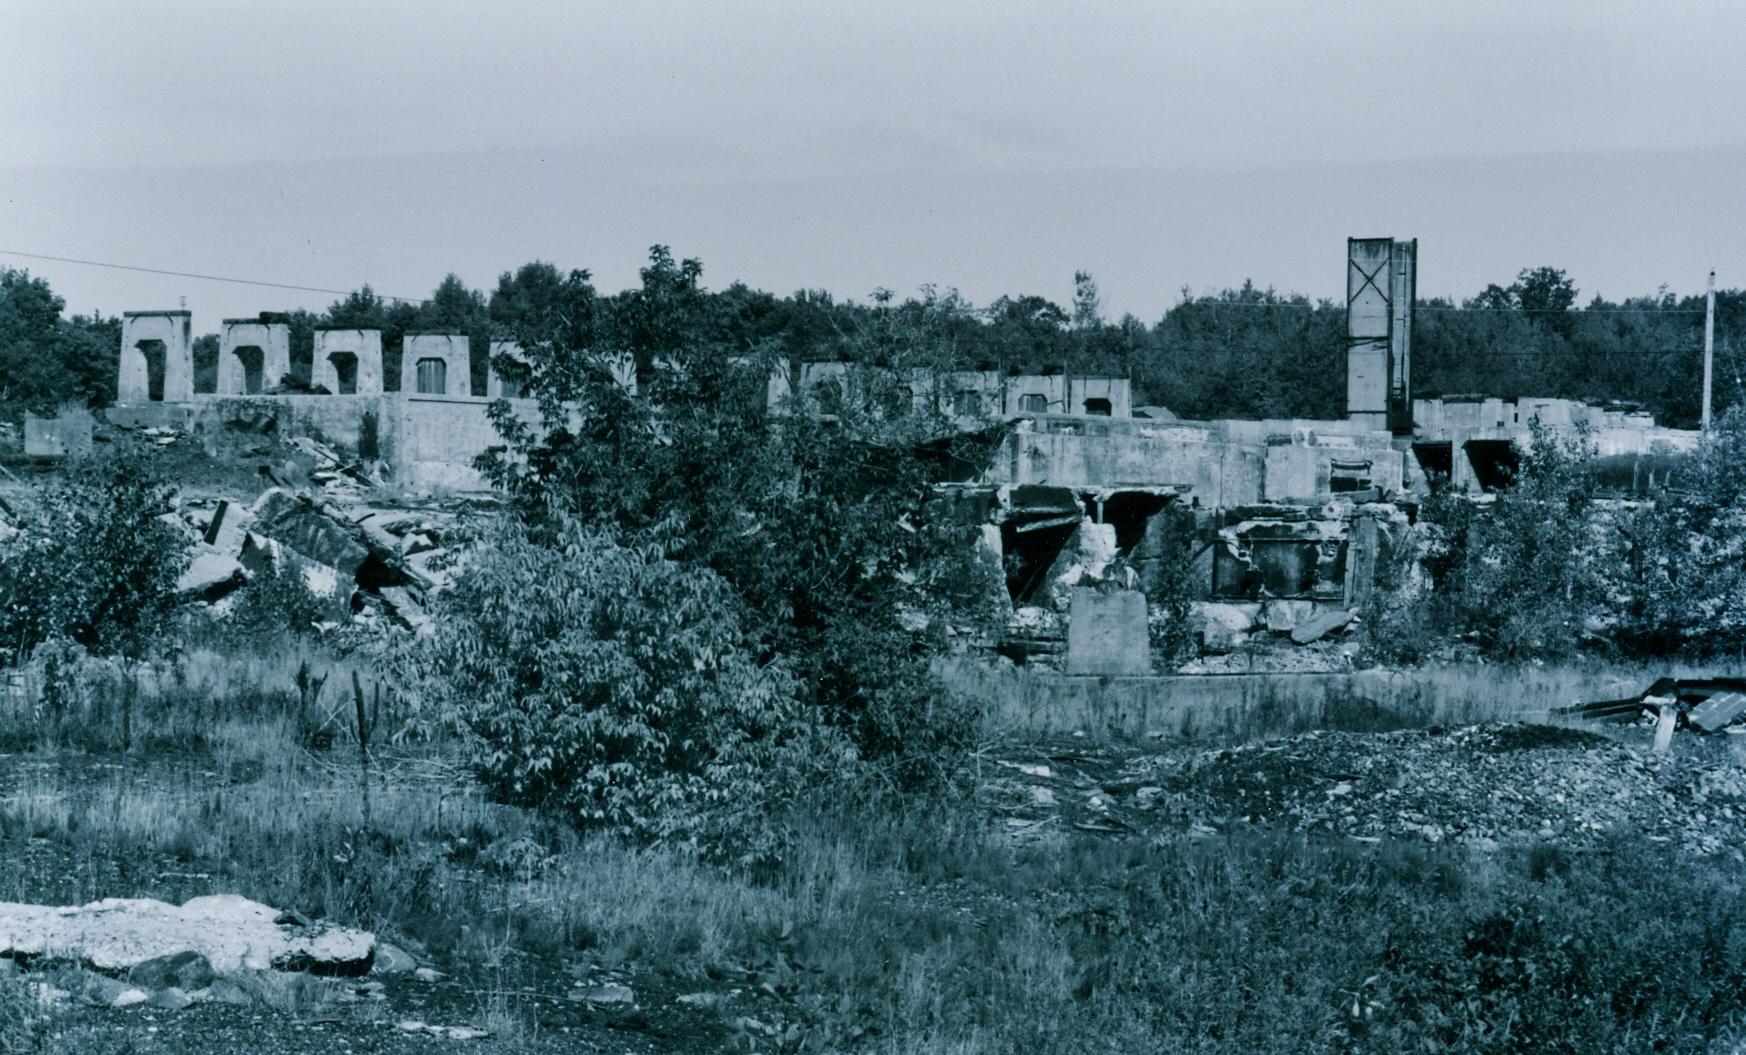 Ruins of Deloro Mine Site